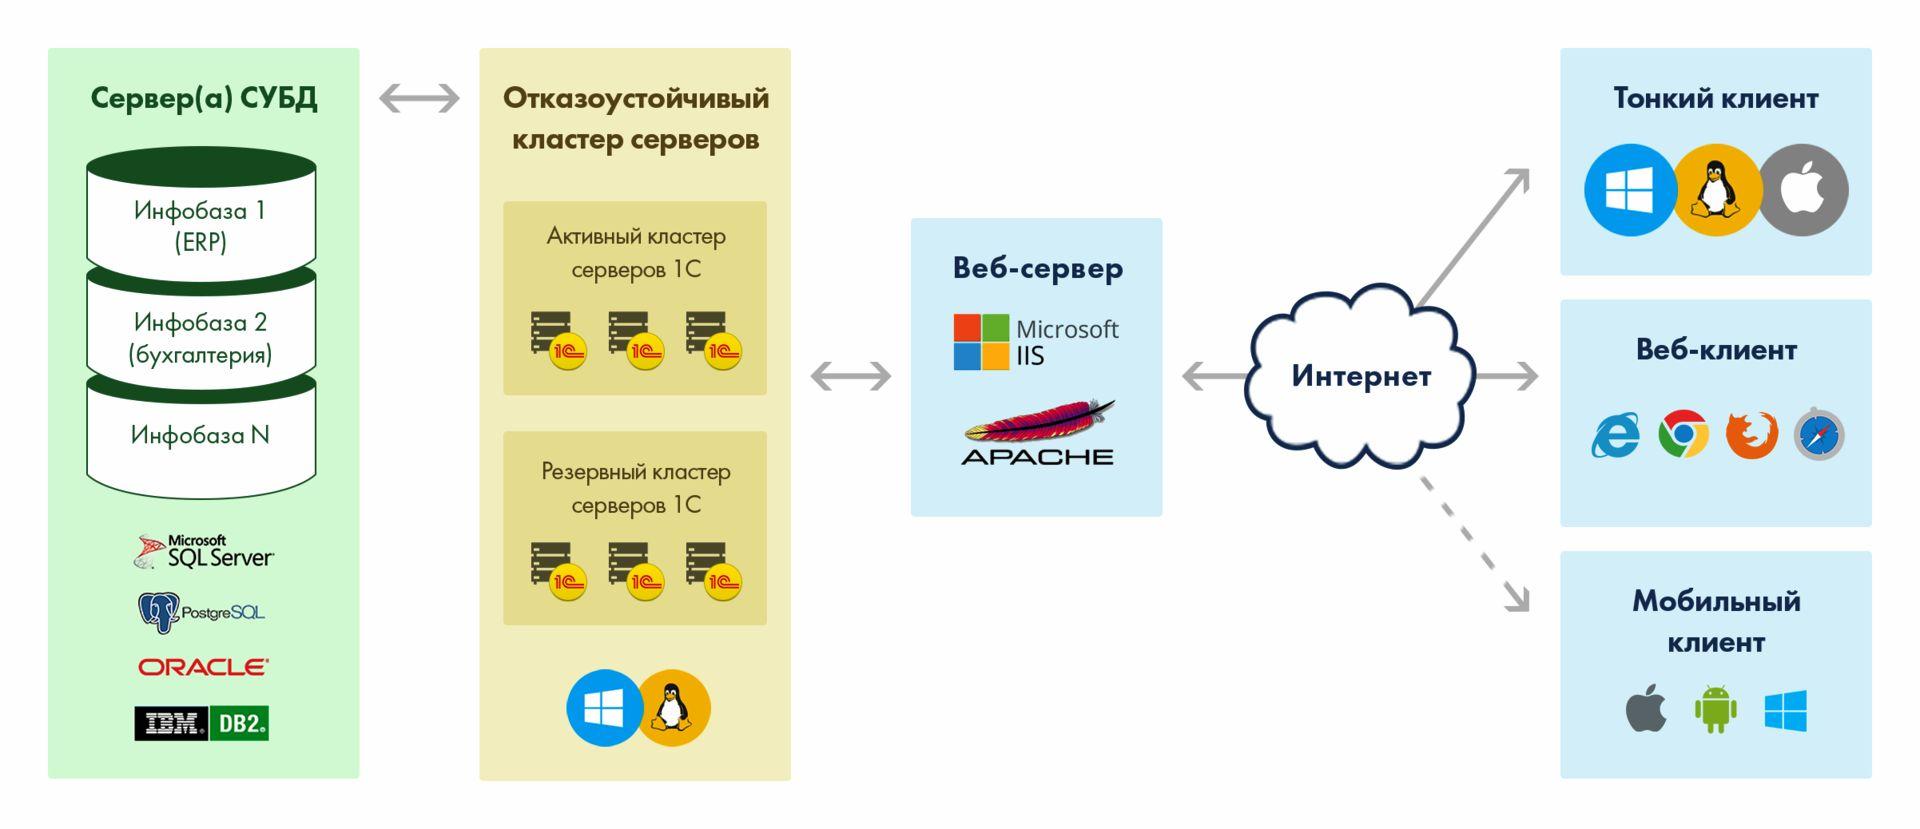 Обслуживание клиент-сервера 1с обновление конфигурации на сервере 1с